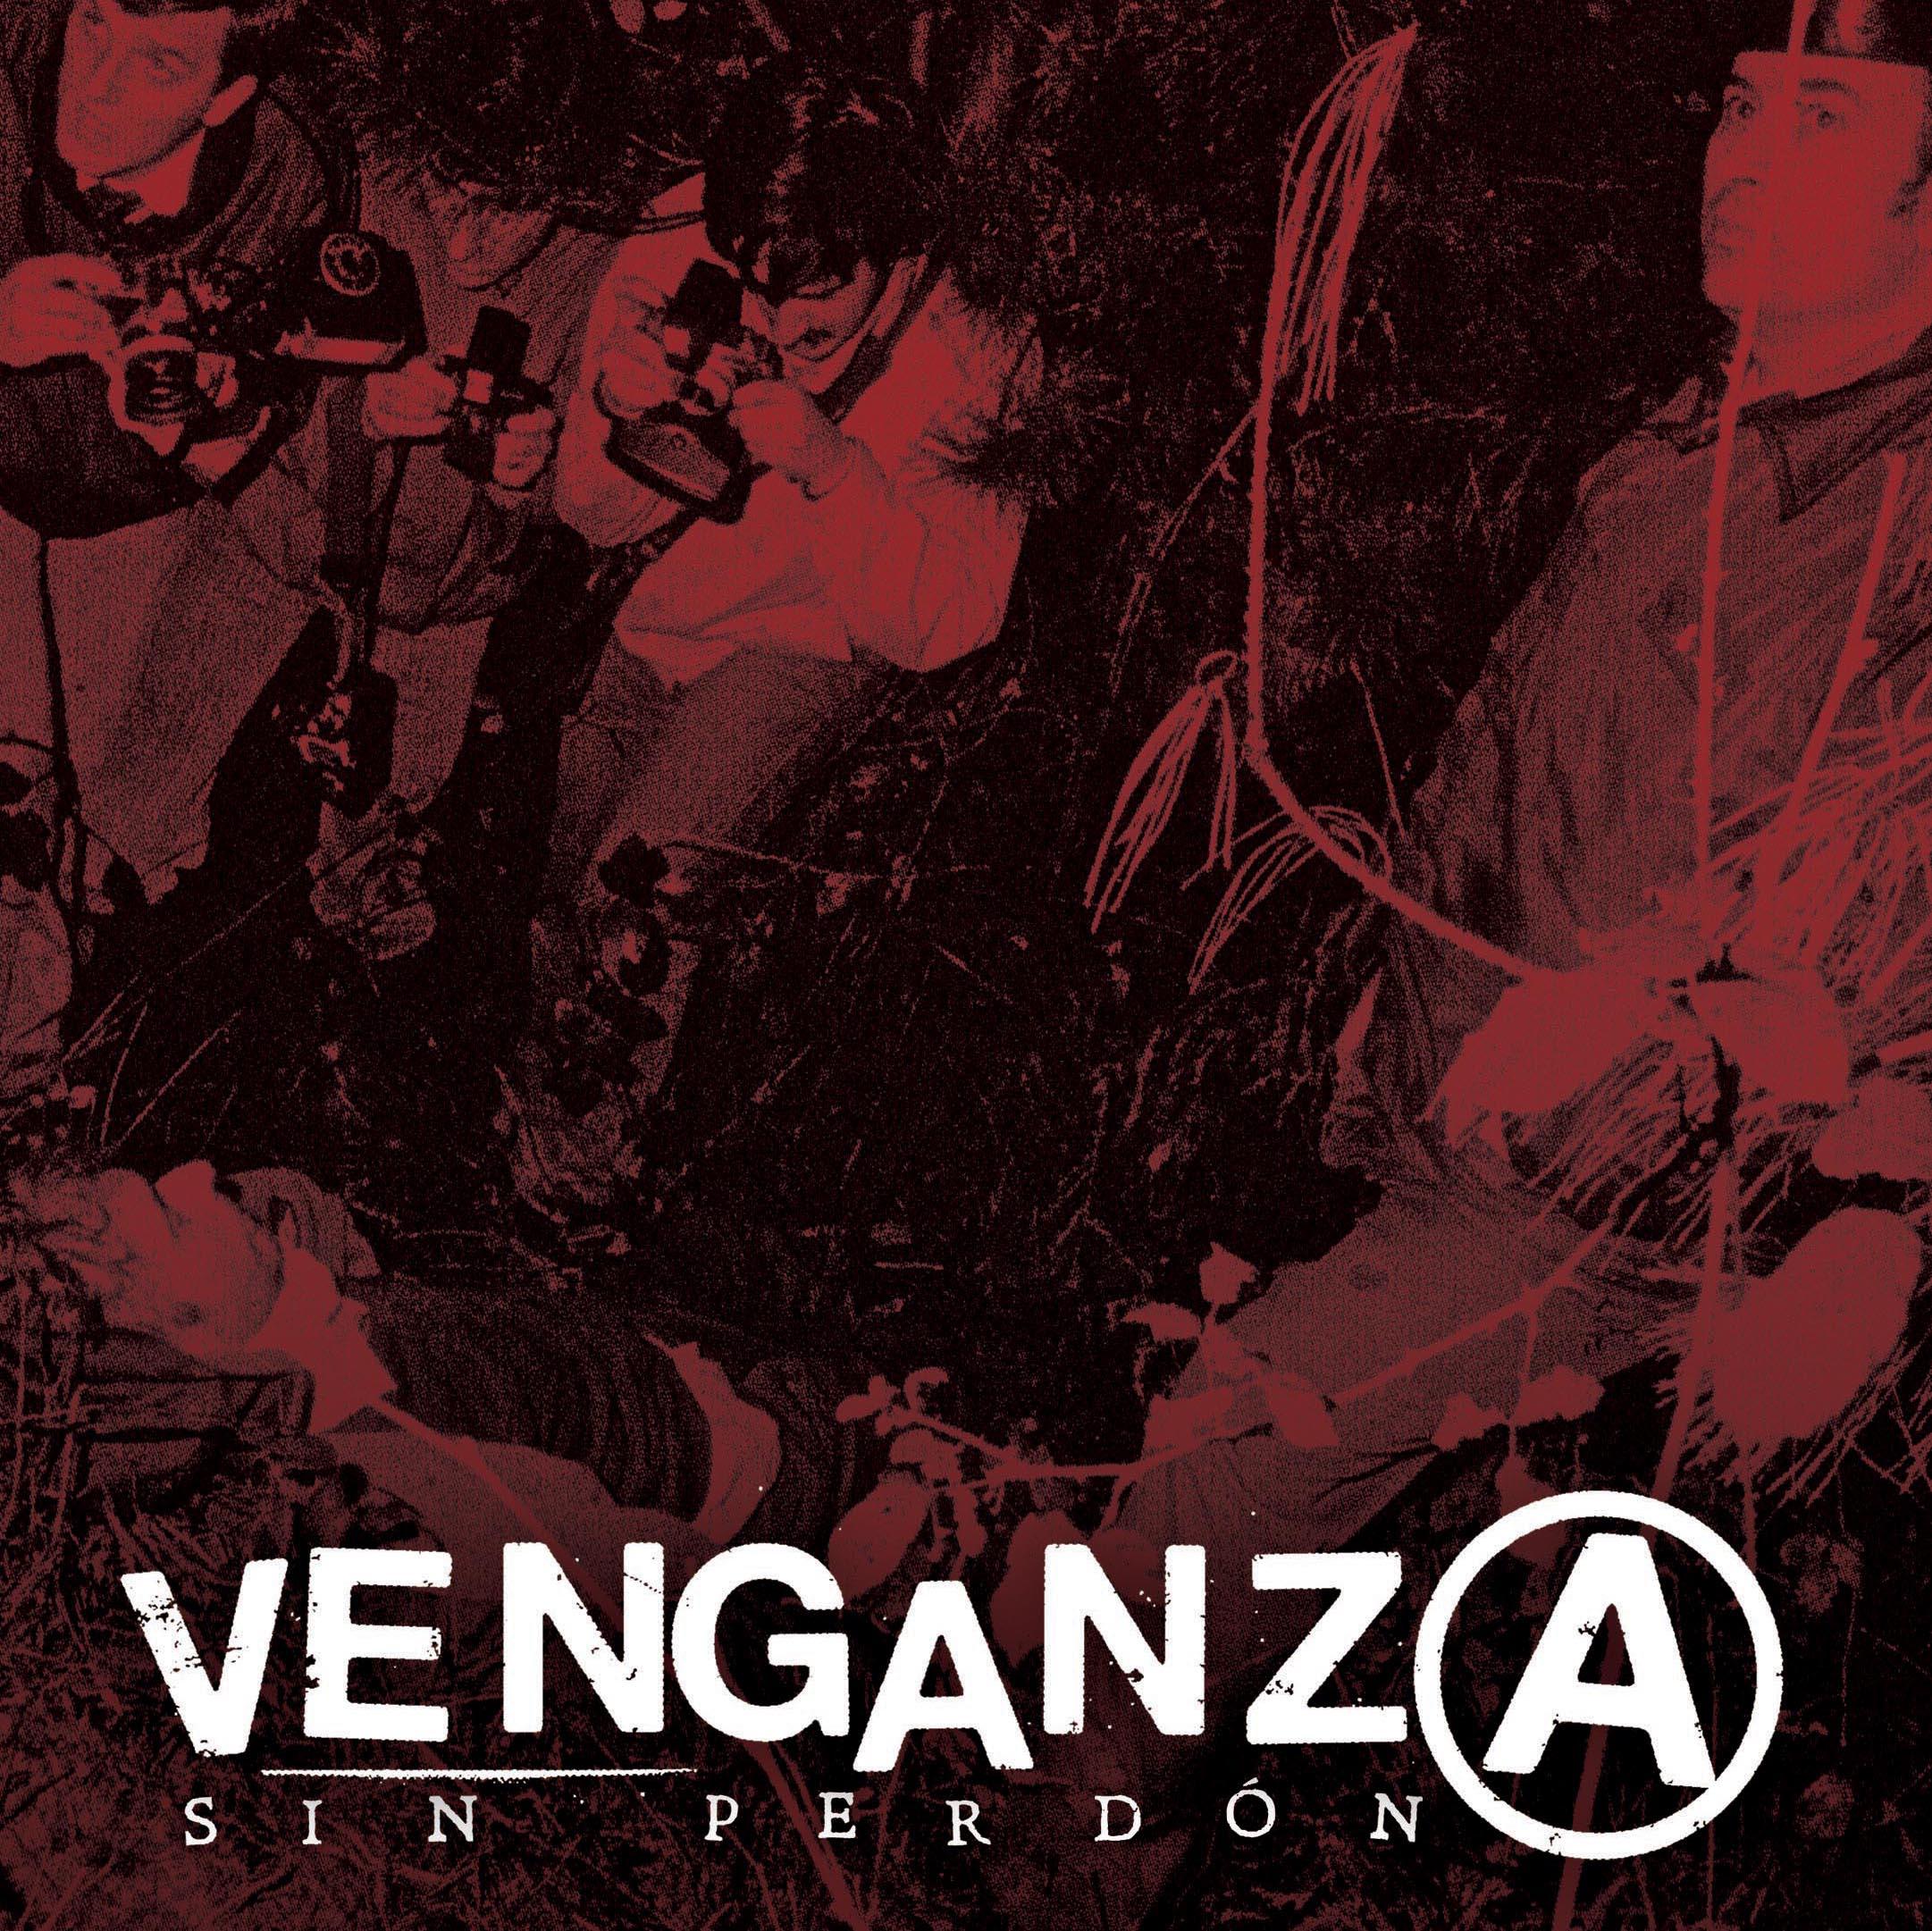 portada del album Sin Perdón